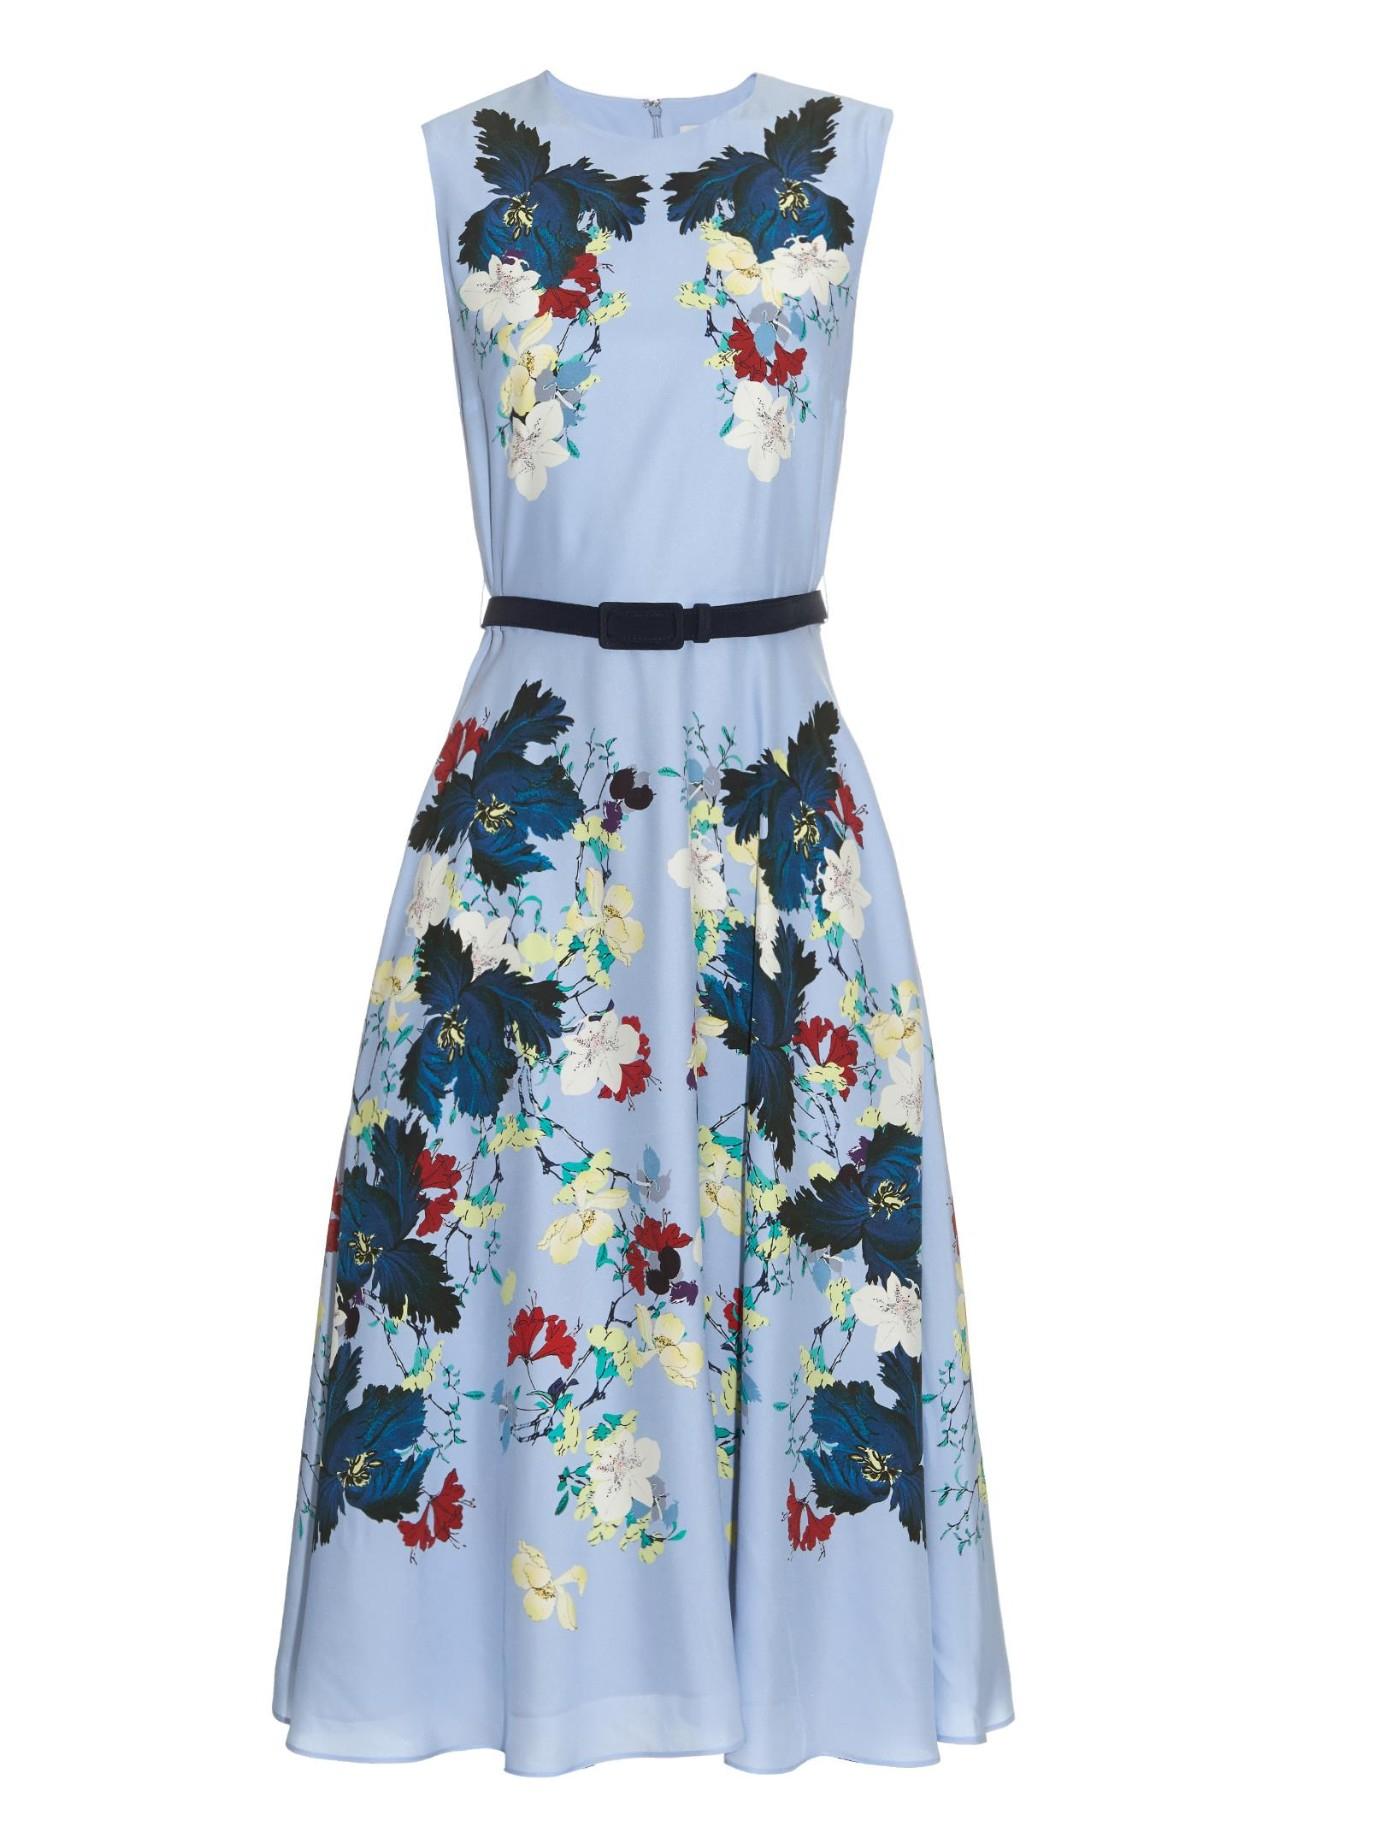 Mesmerizing Erdem Skirt | Dazzling Erdem Dress